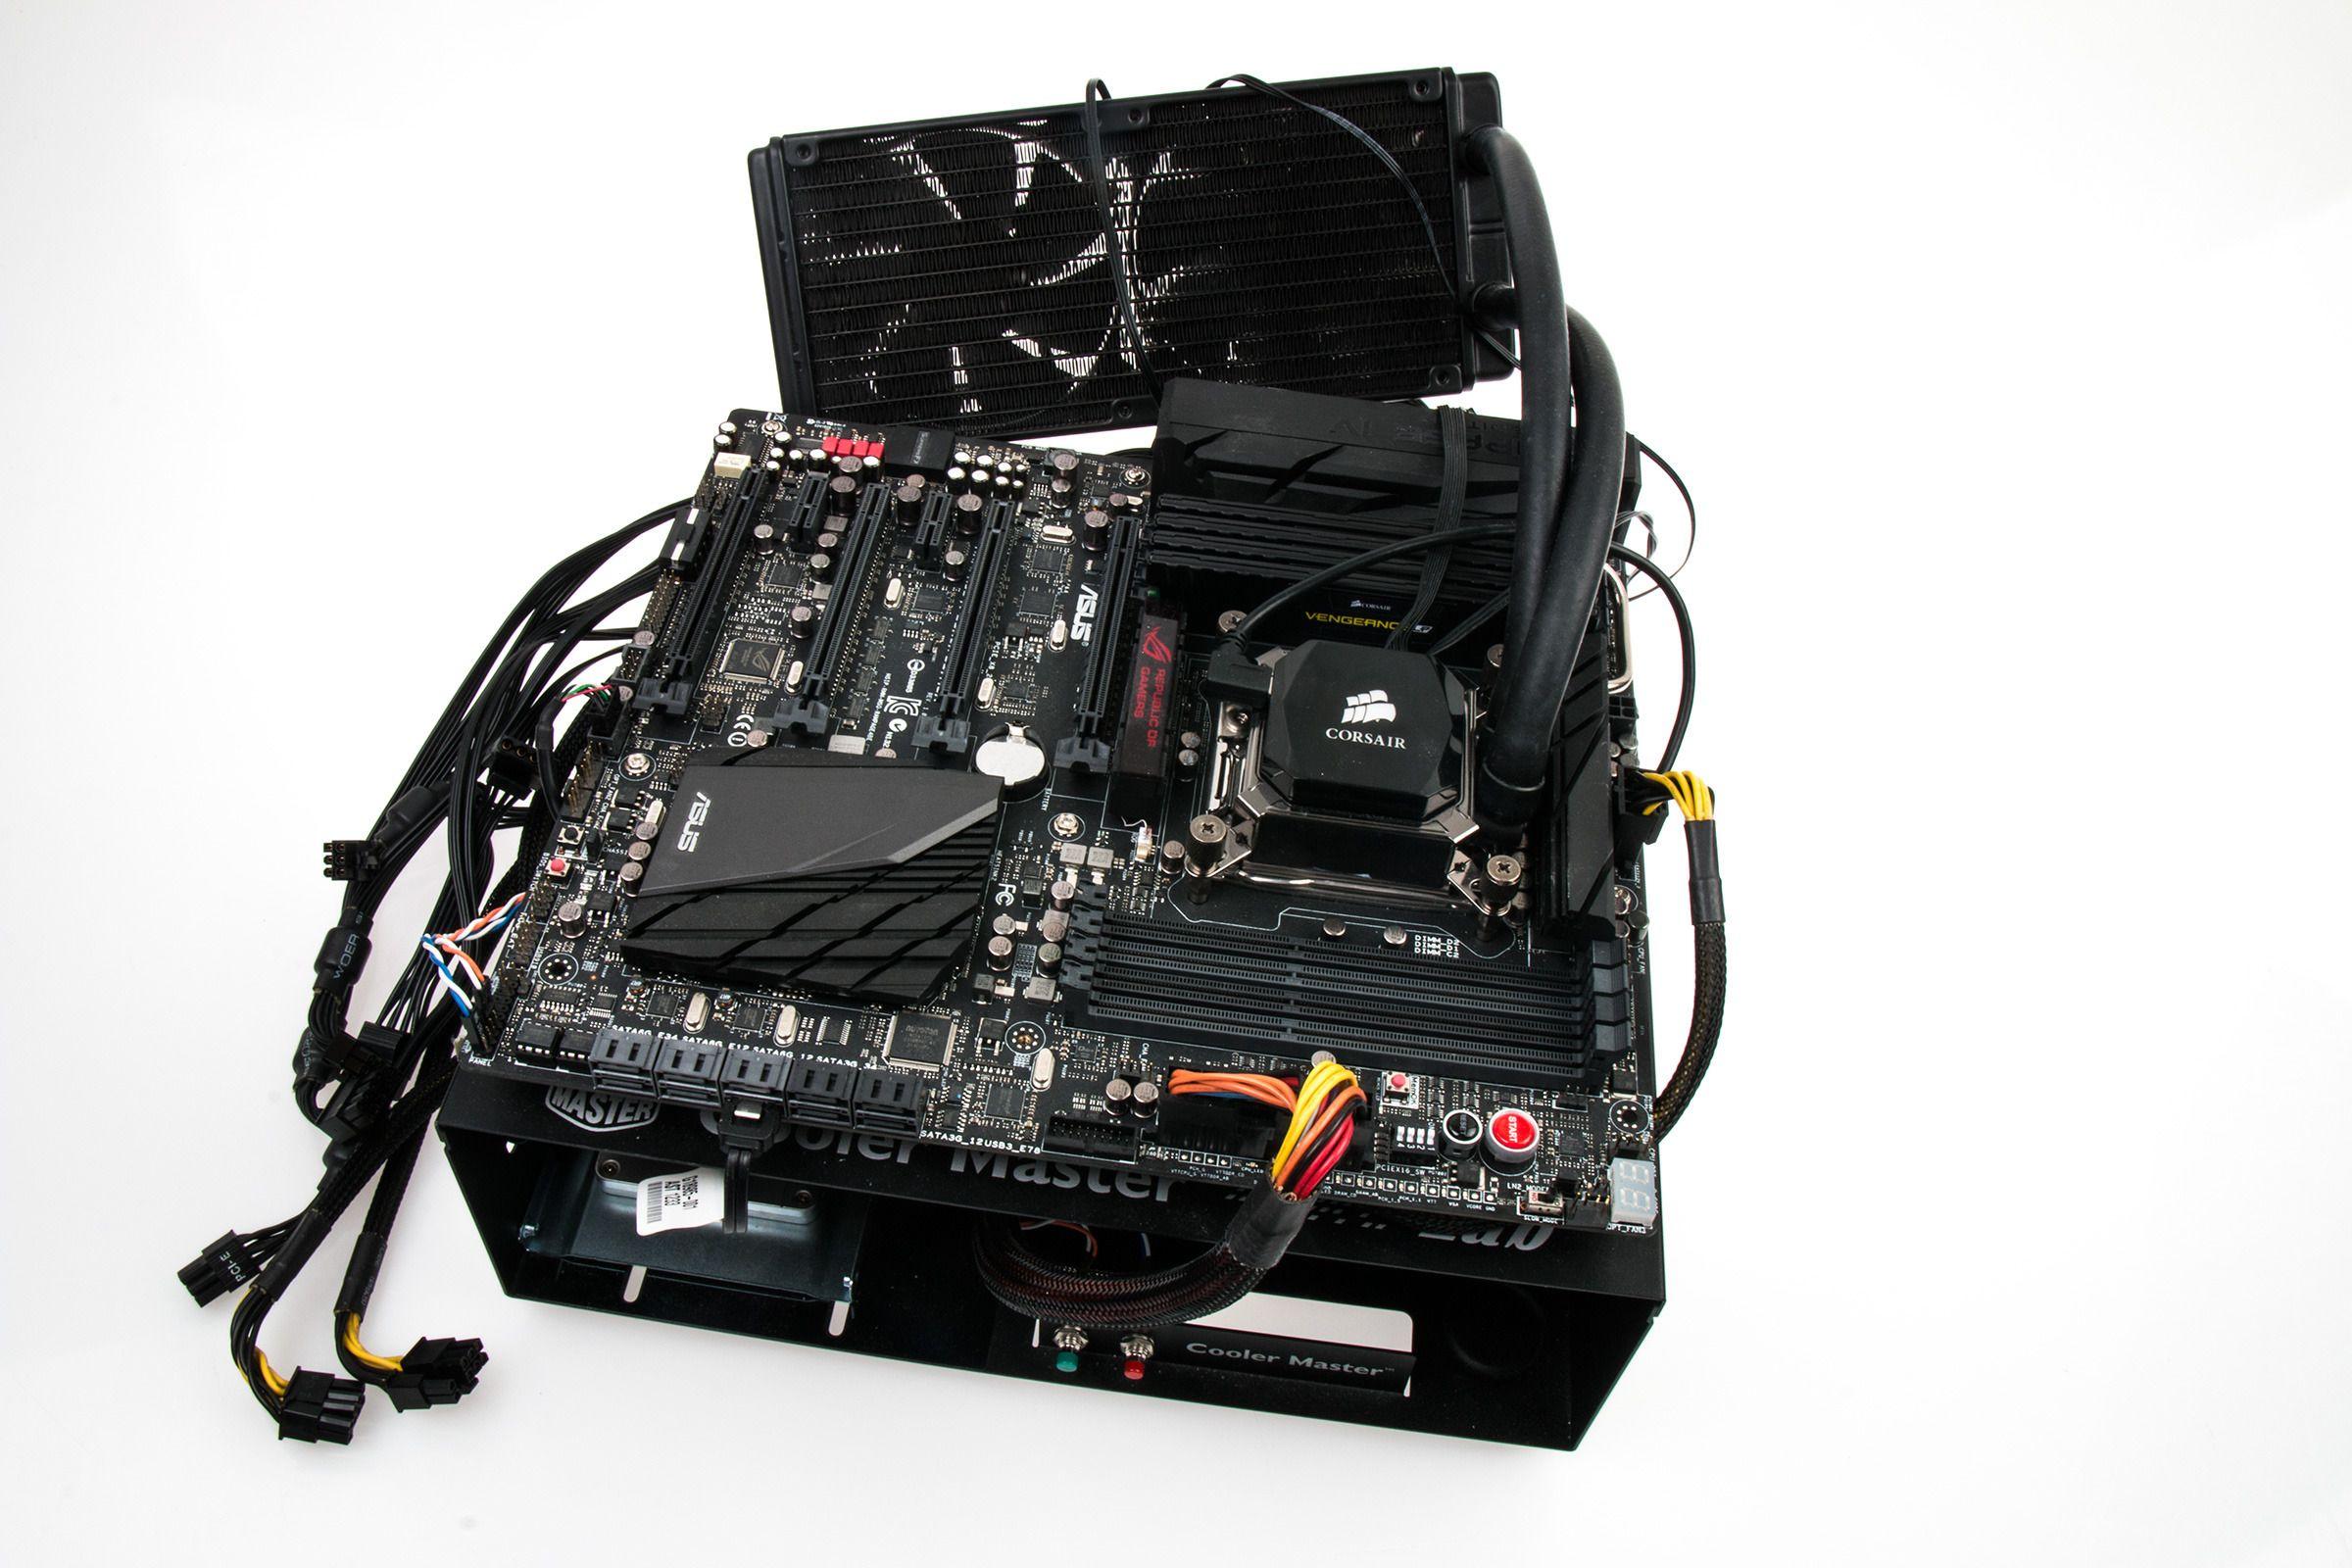 Ny maskinvare skal hjelpe oss å tyne skjermkortene videre.Foto: Varg Aamo, Tek.no